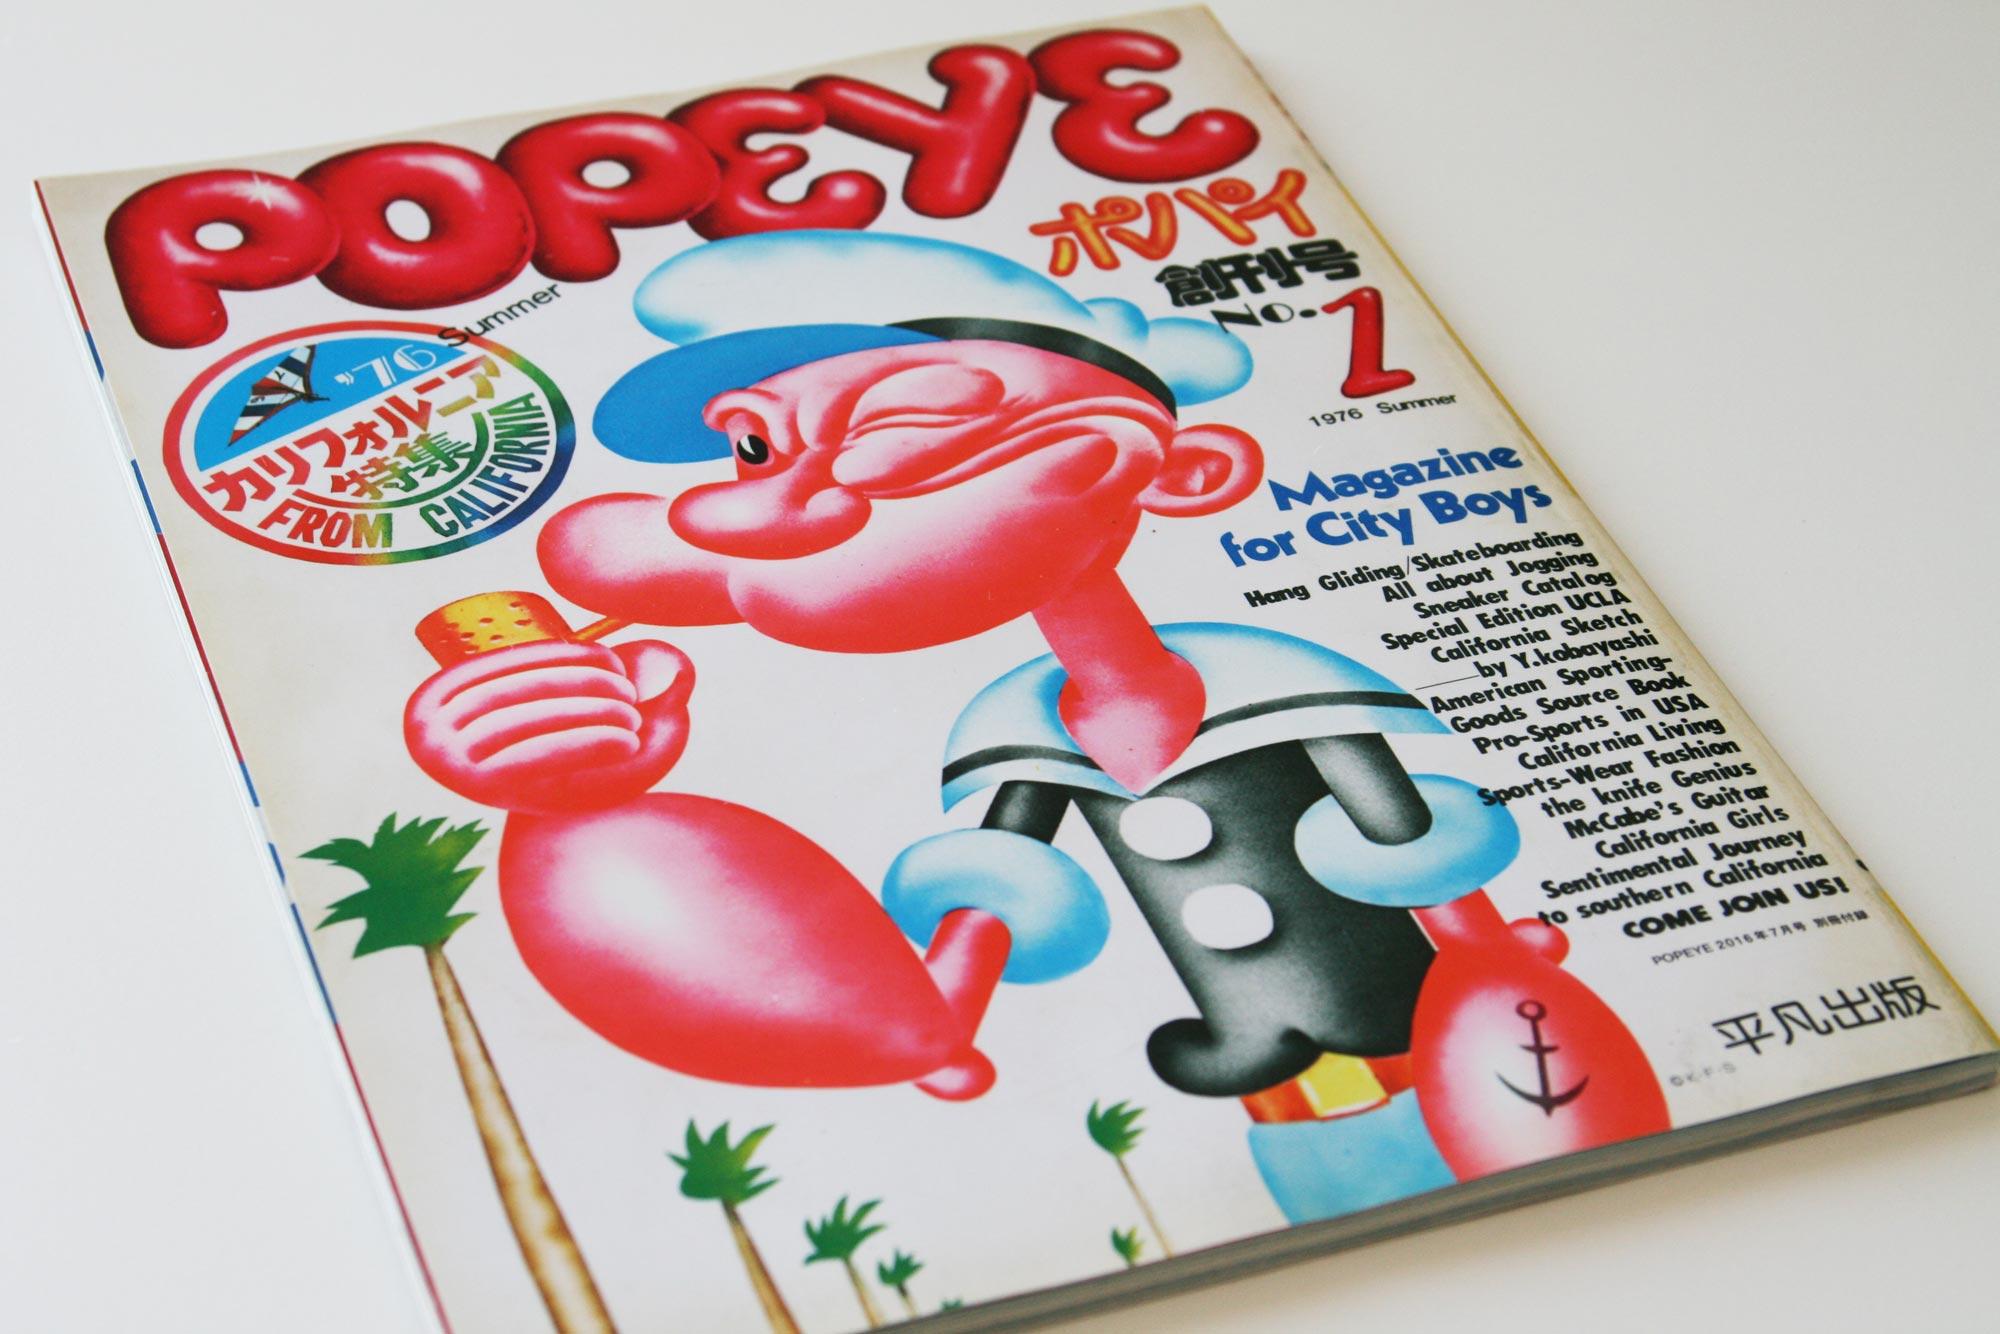 popeye-magazine_4514